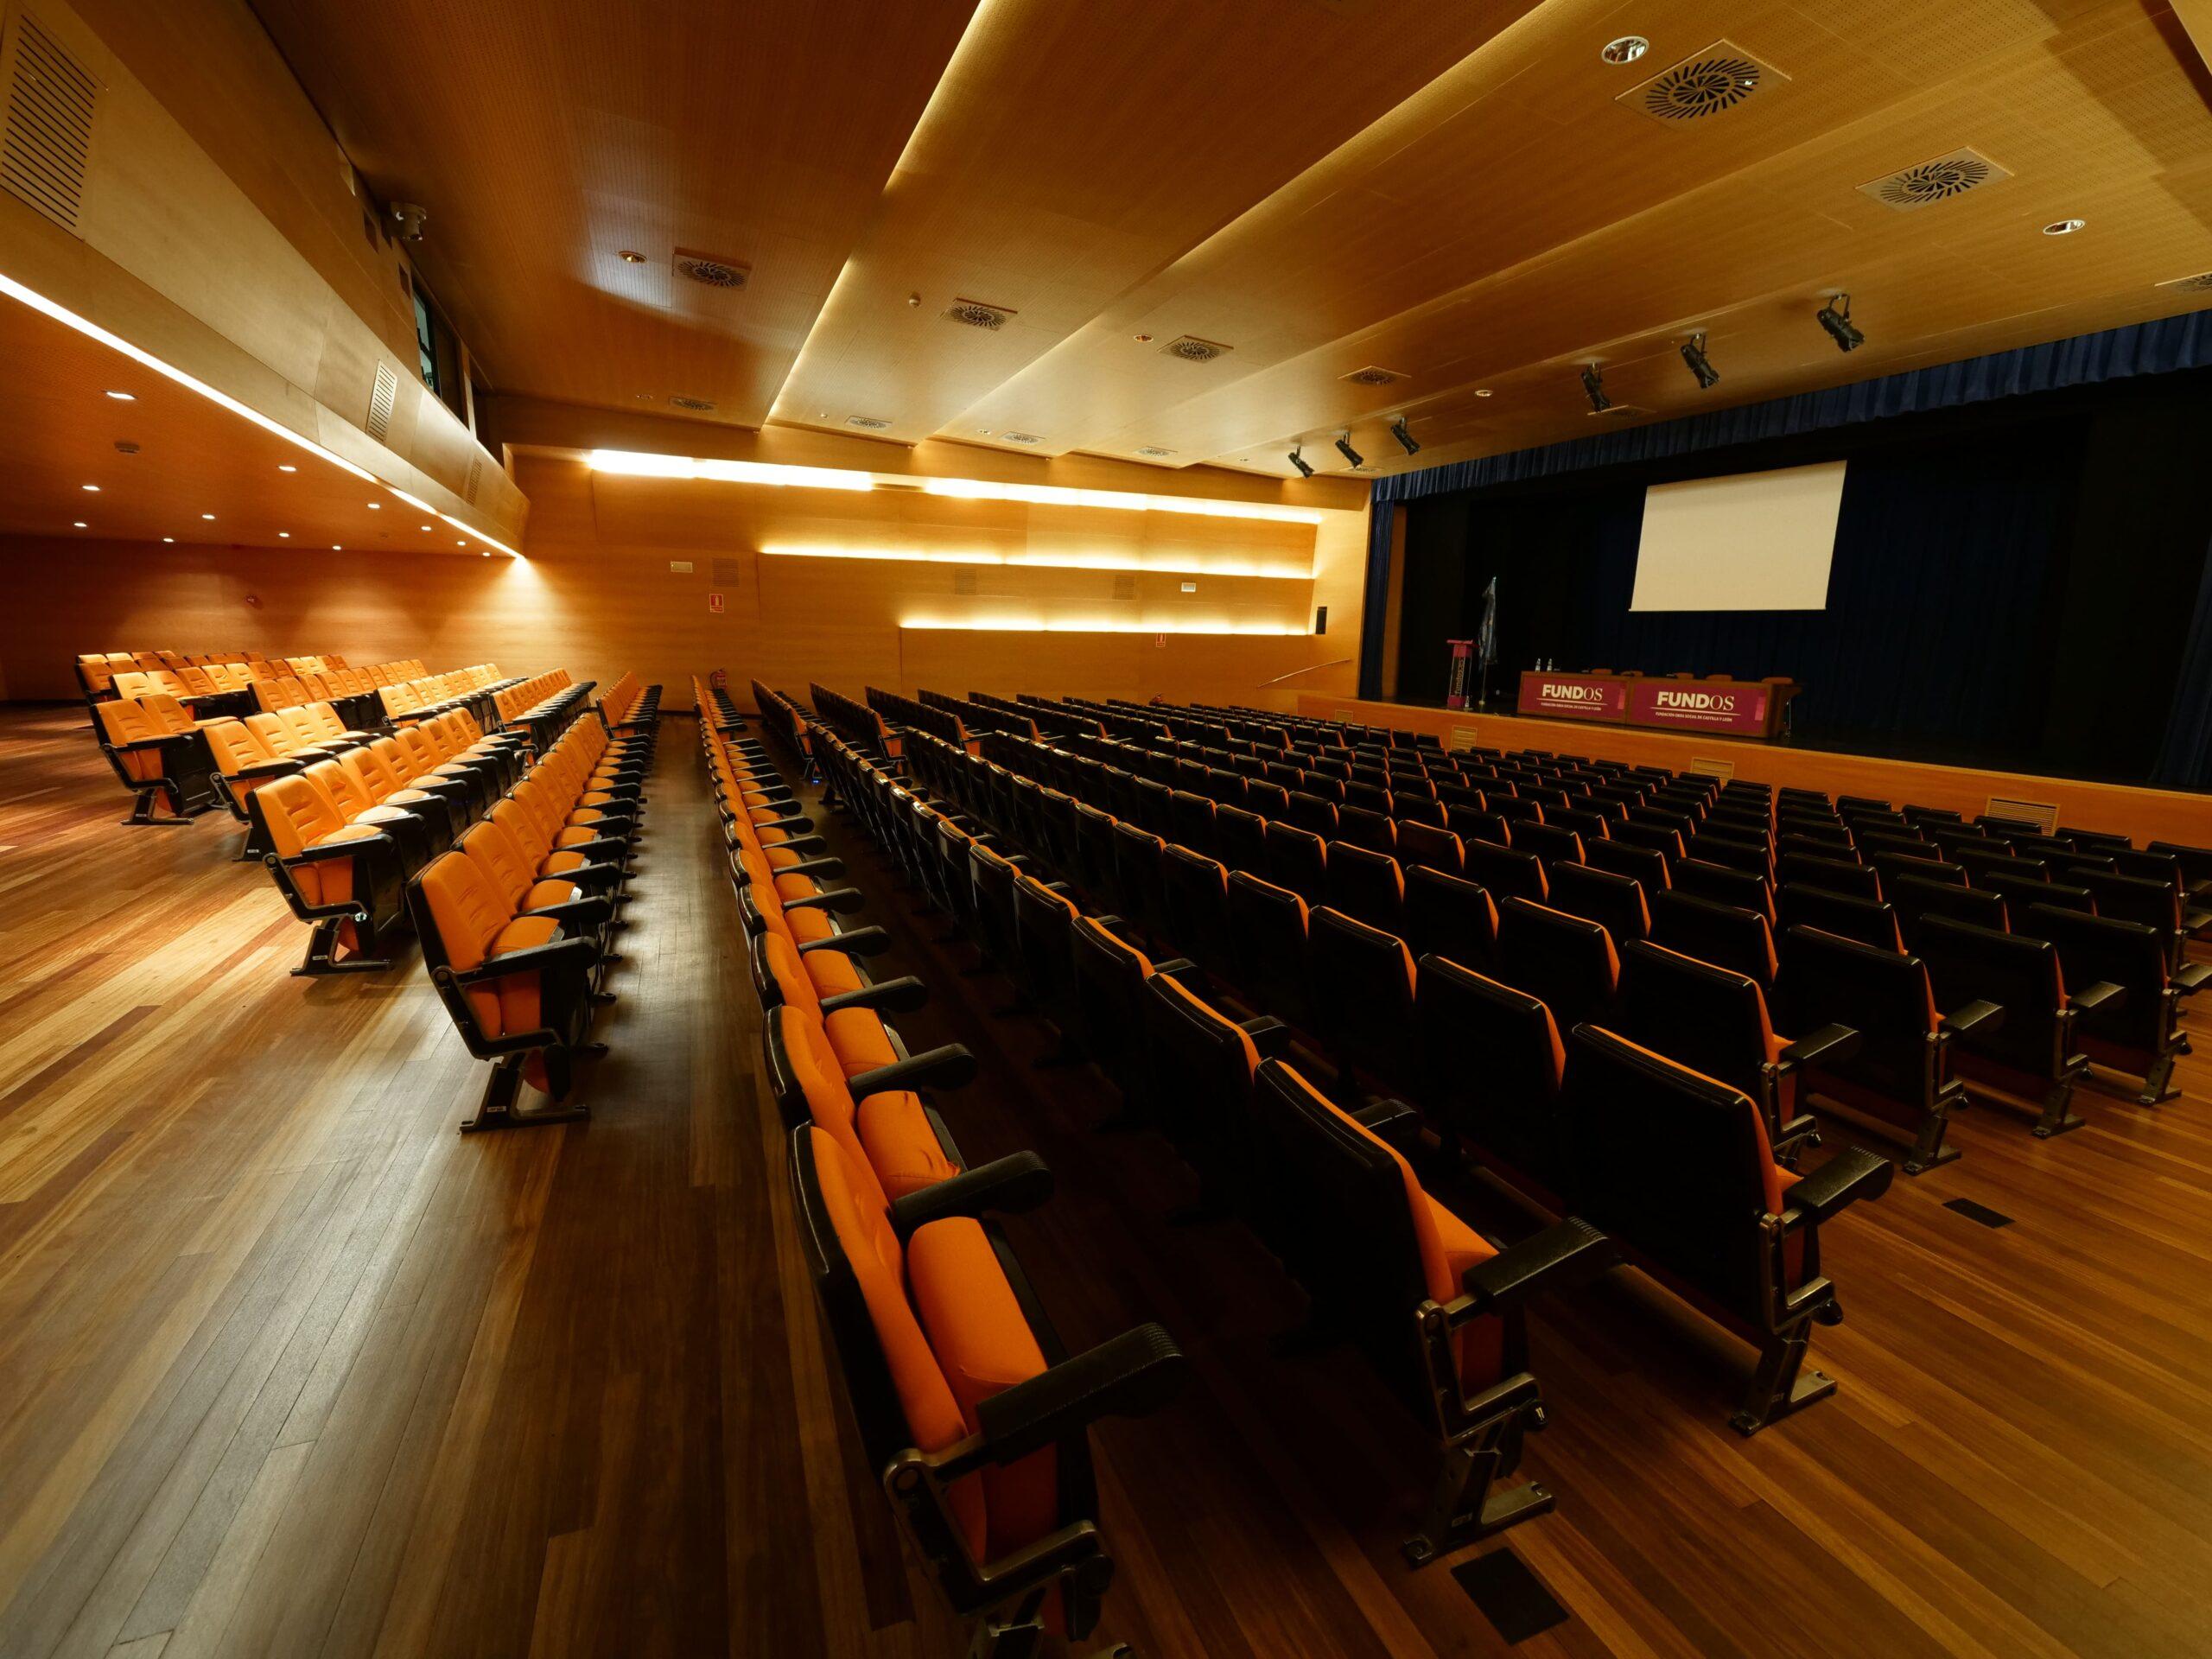 Auditorio FUNDOS Fuente Dorada en Valladolid